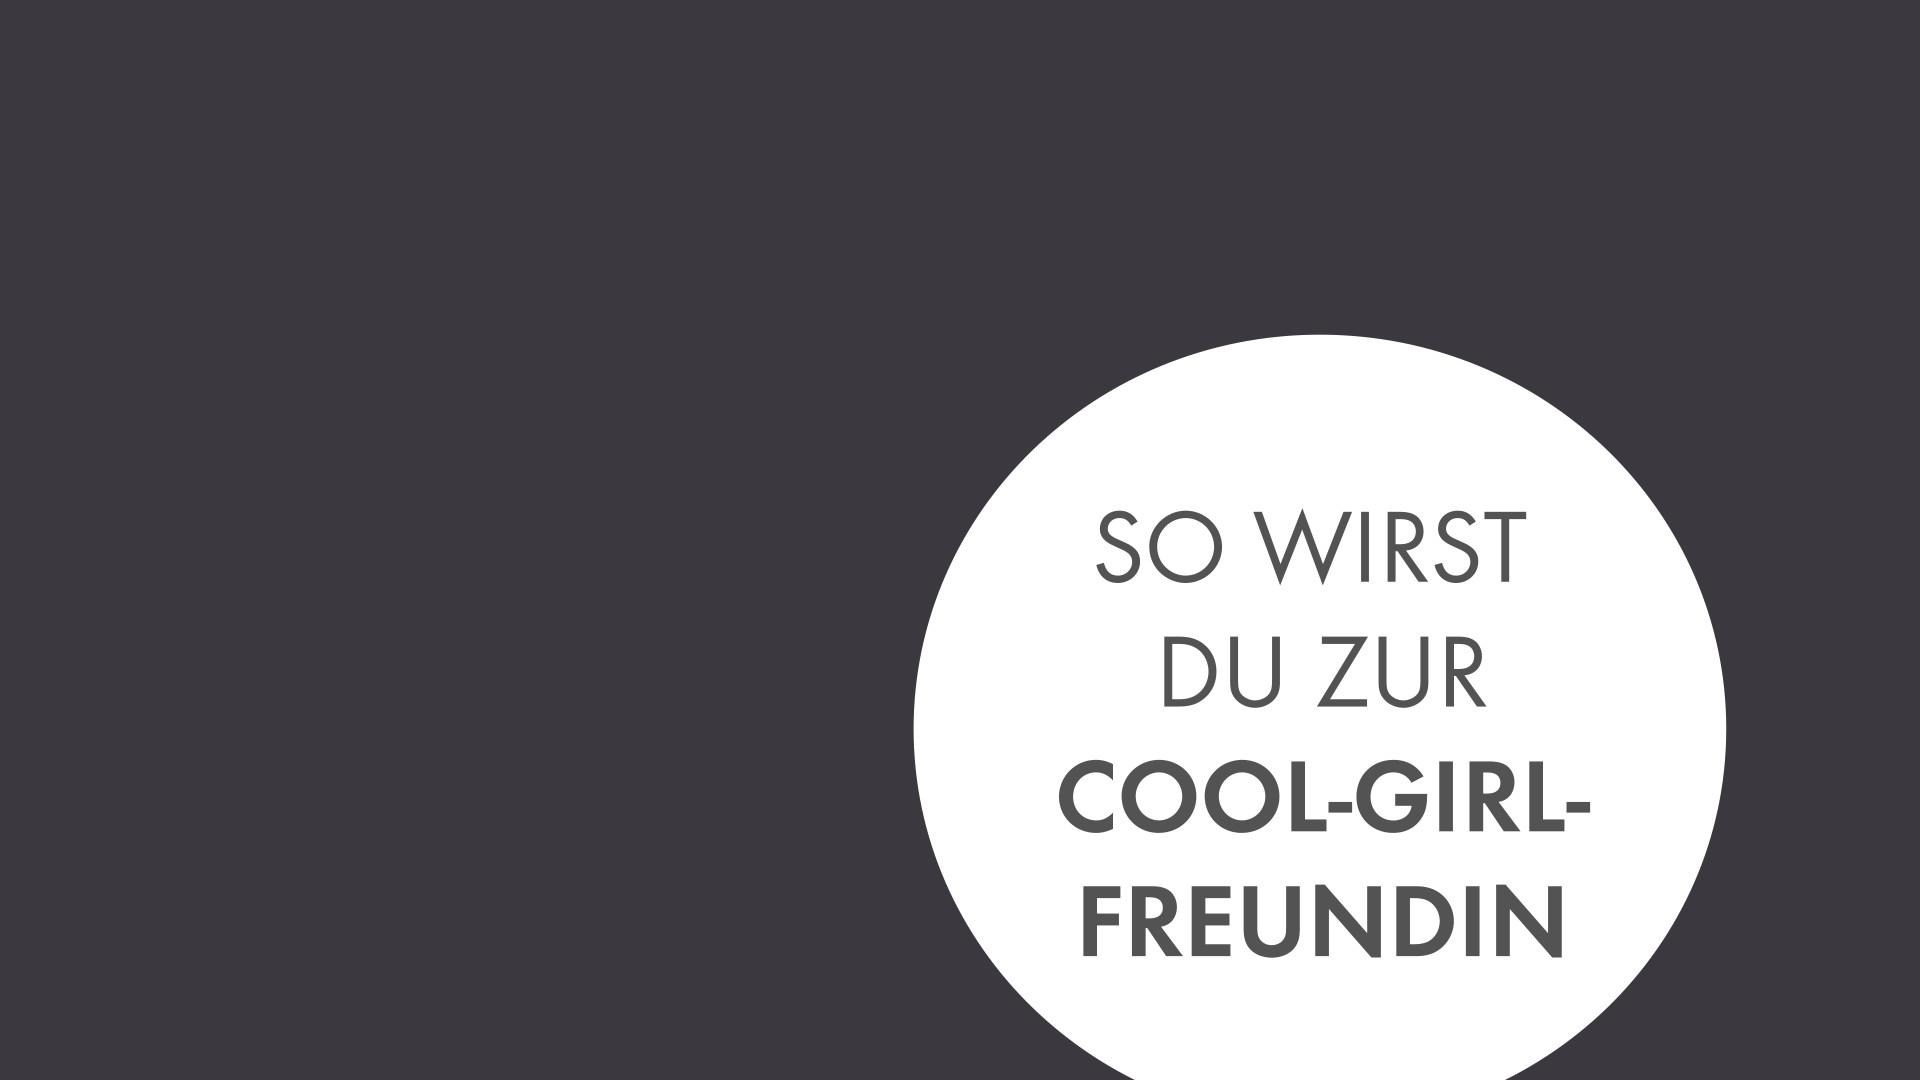 So wirst du zur Cool-Girl-Freundin_EL.mp4: image 0